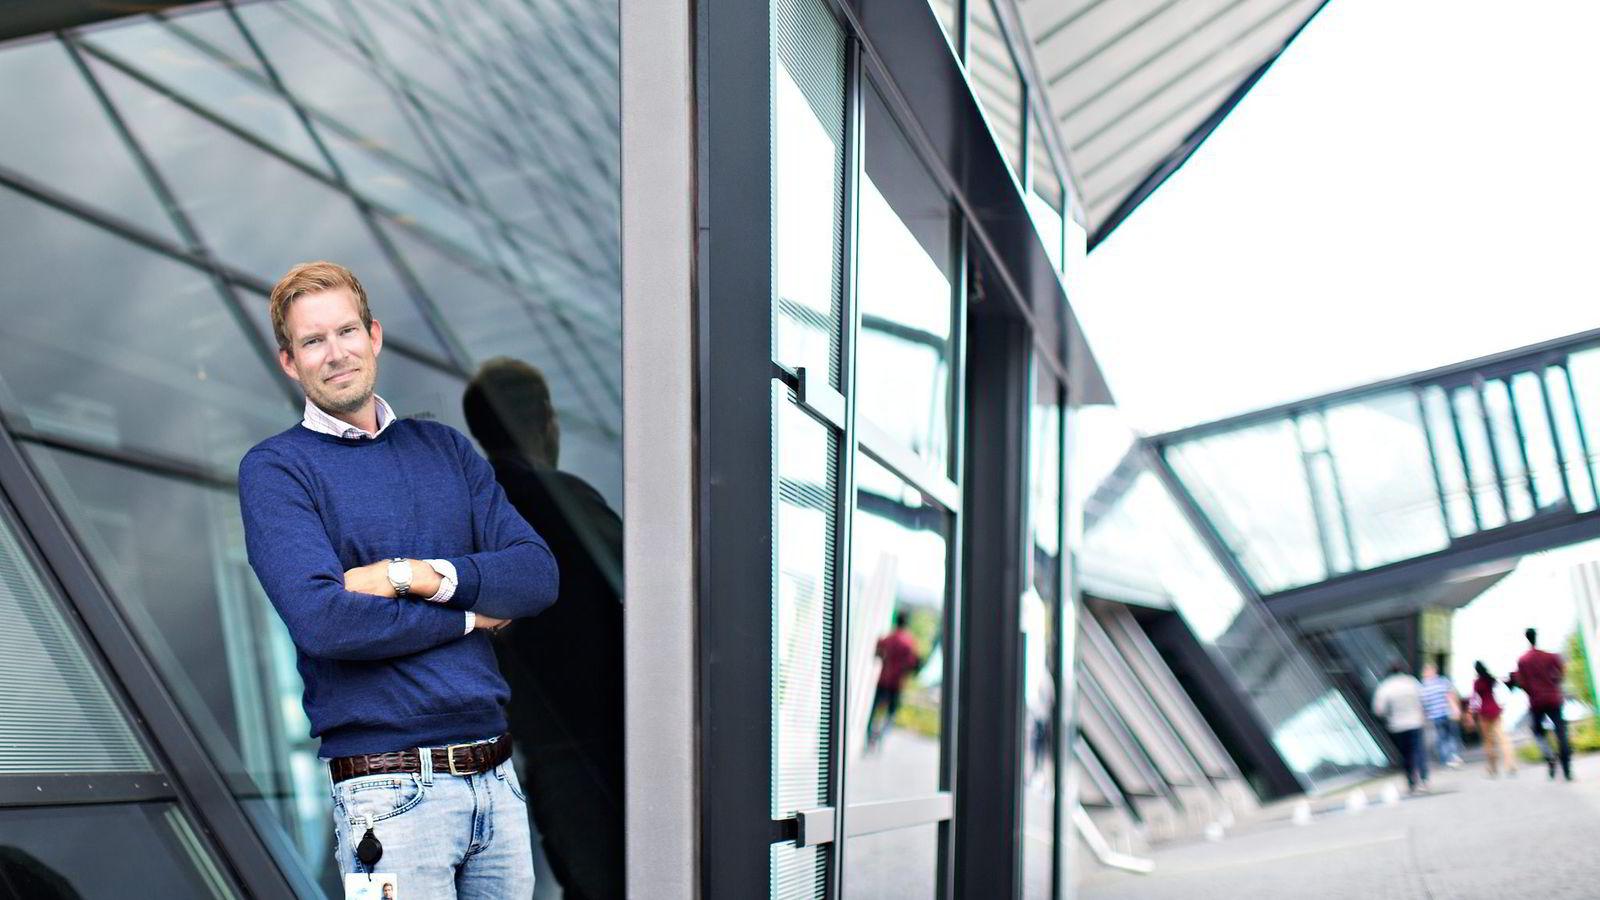 TESTER. Lars Erik Jensen eksperimenterer med nye måter å kjøre reklamekampanjer på i Telenor. Foto: